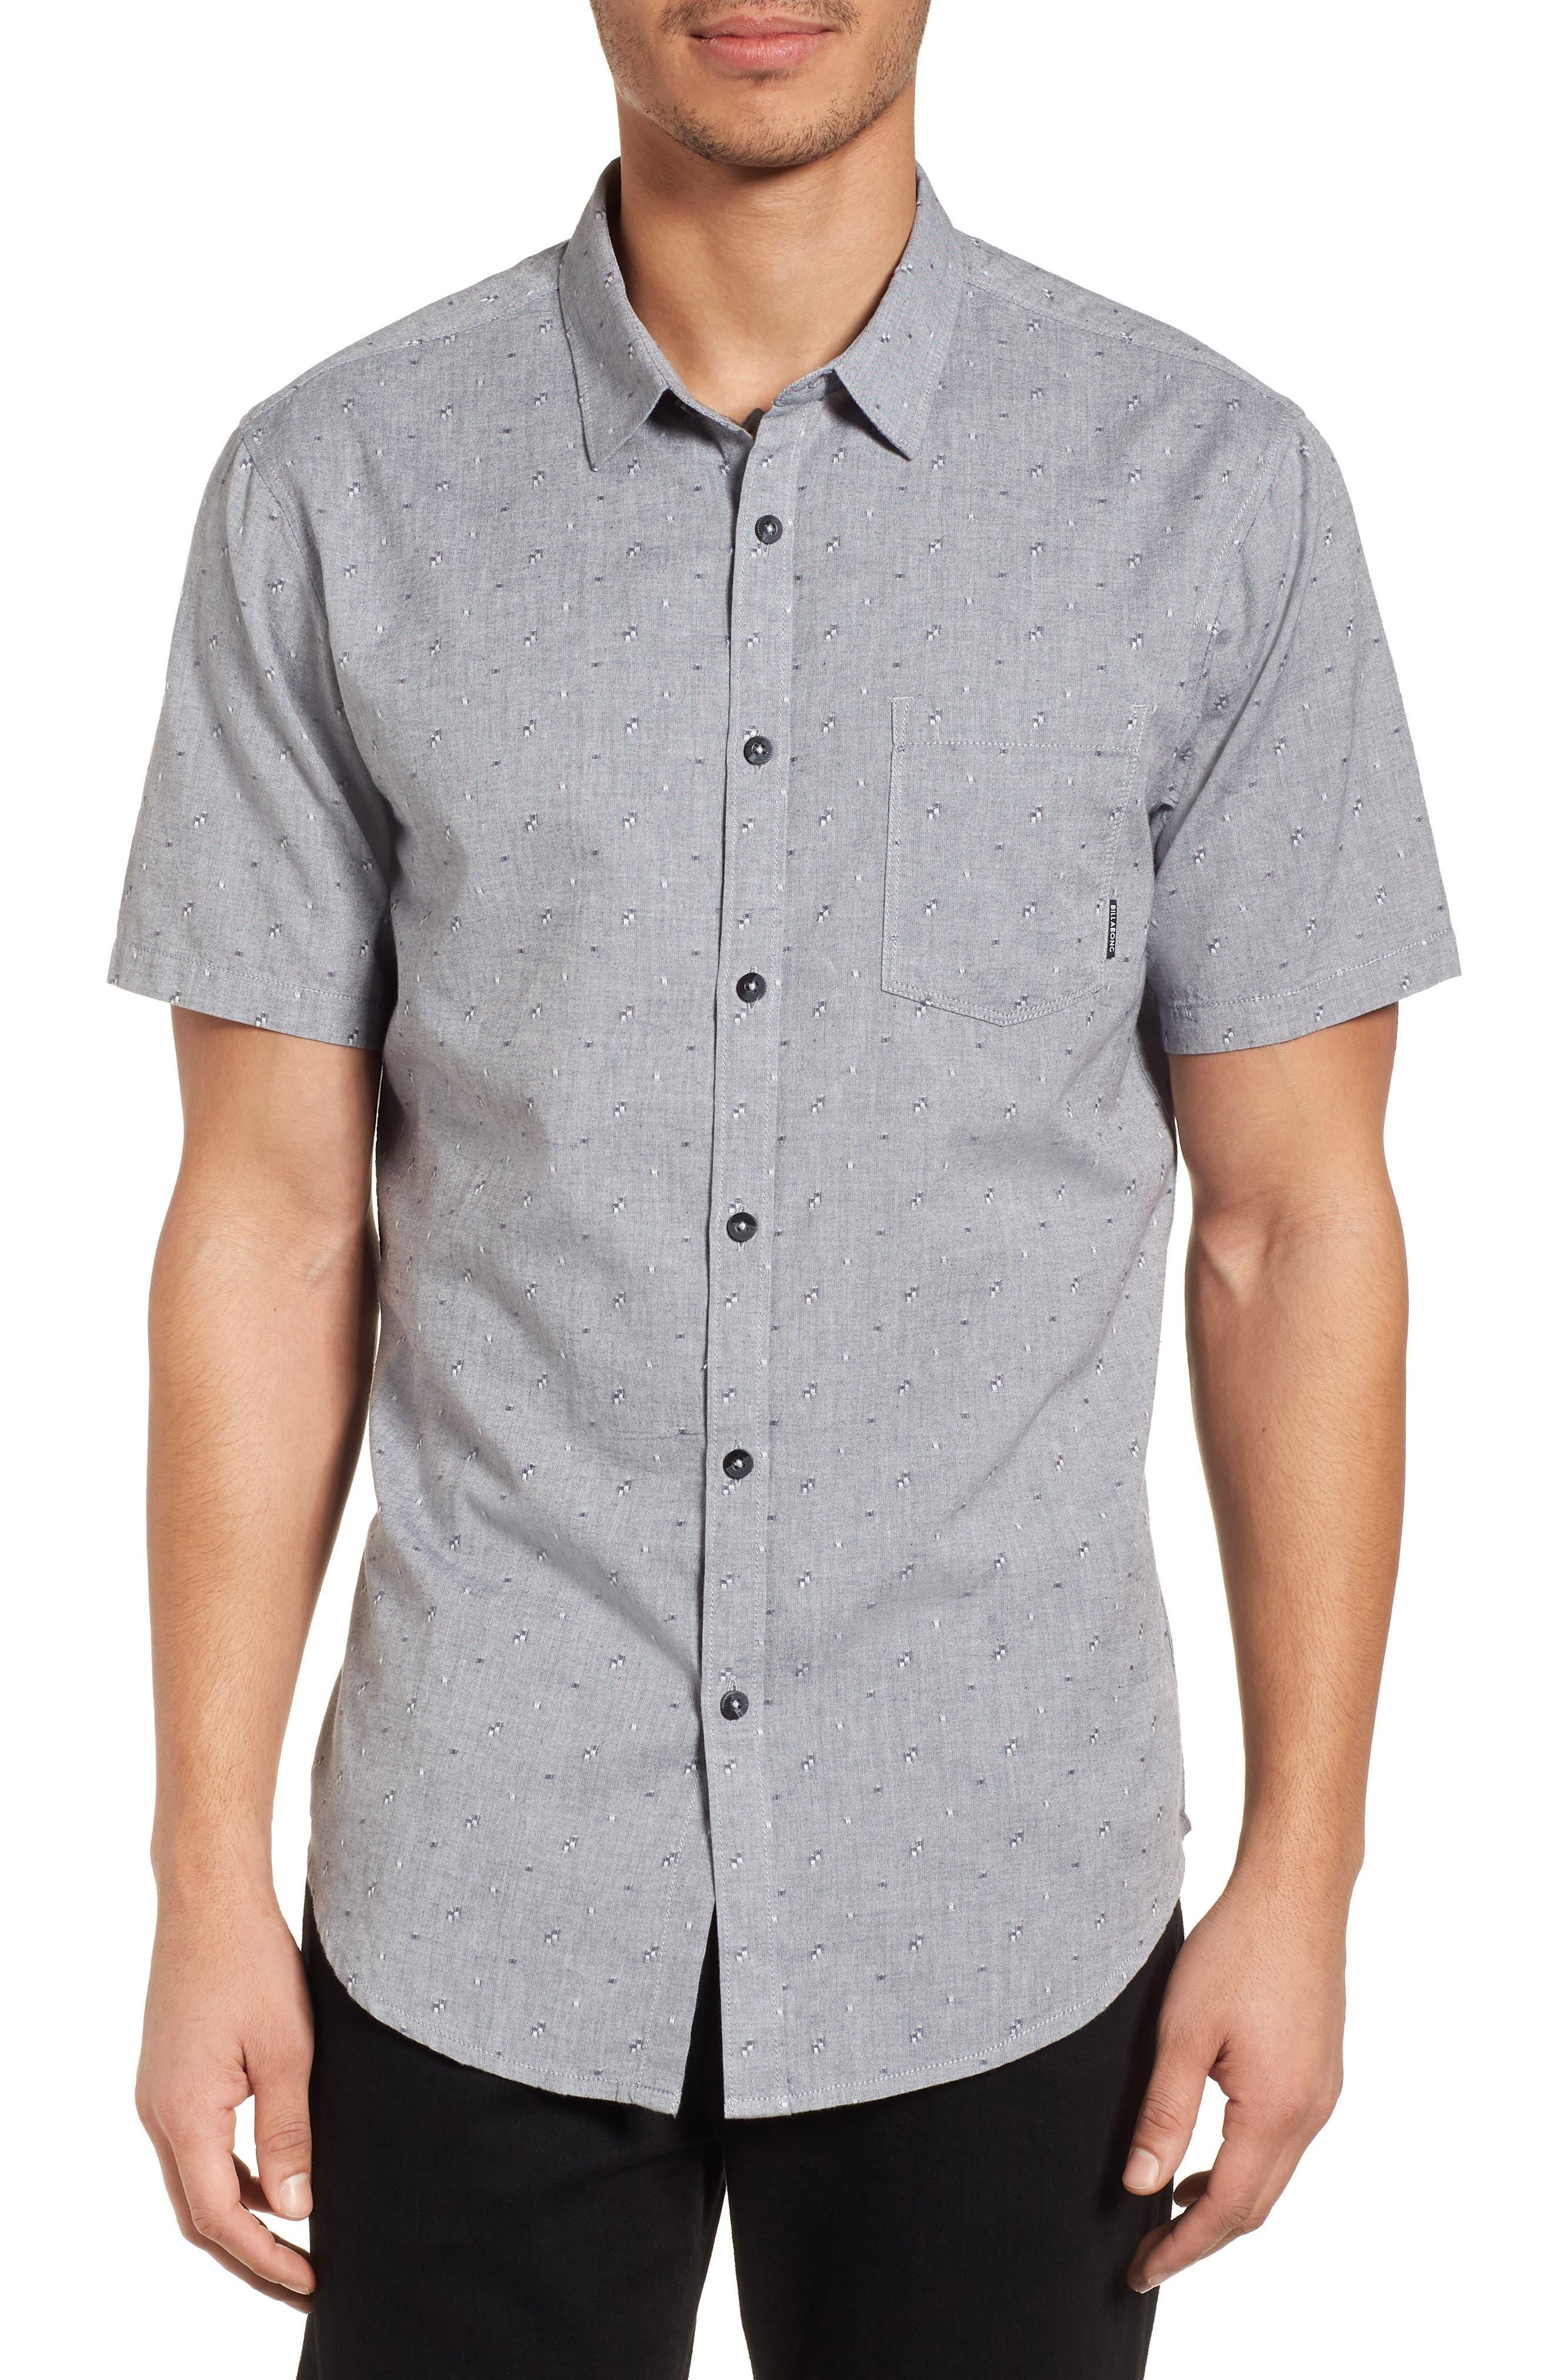 Sundays Jacquard Woven Shirt,                         Main,                         color, Grey